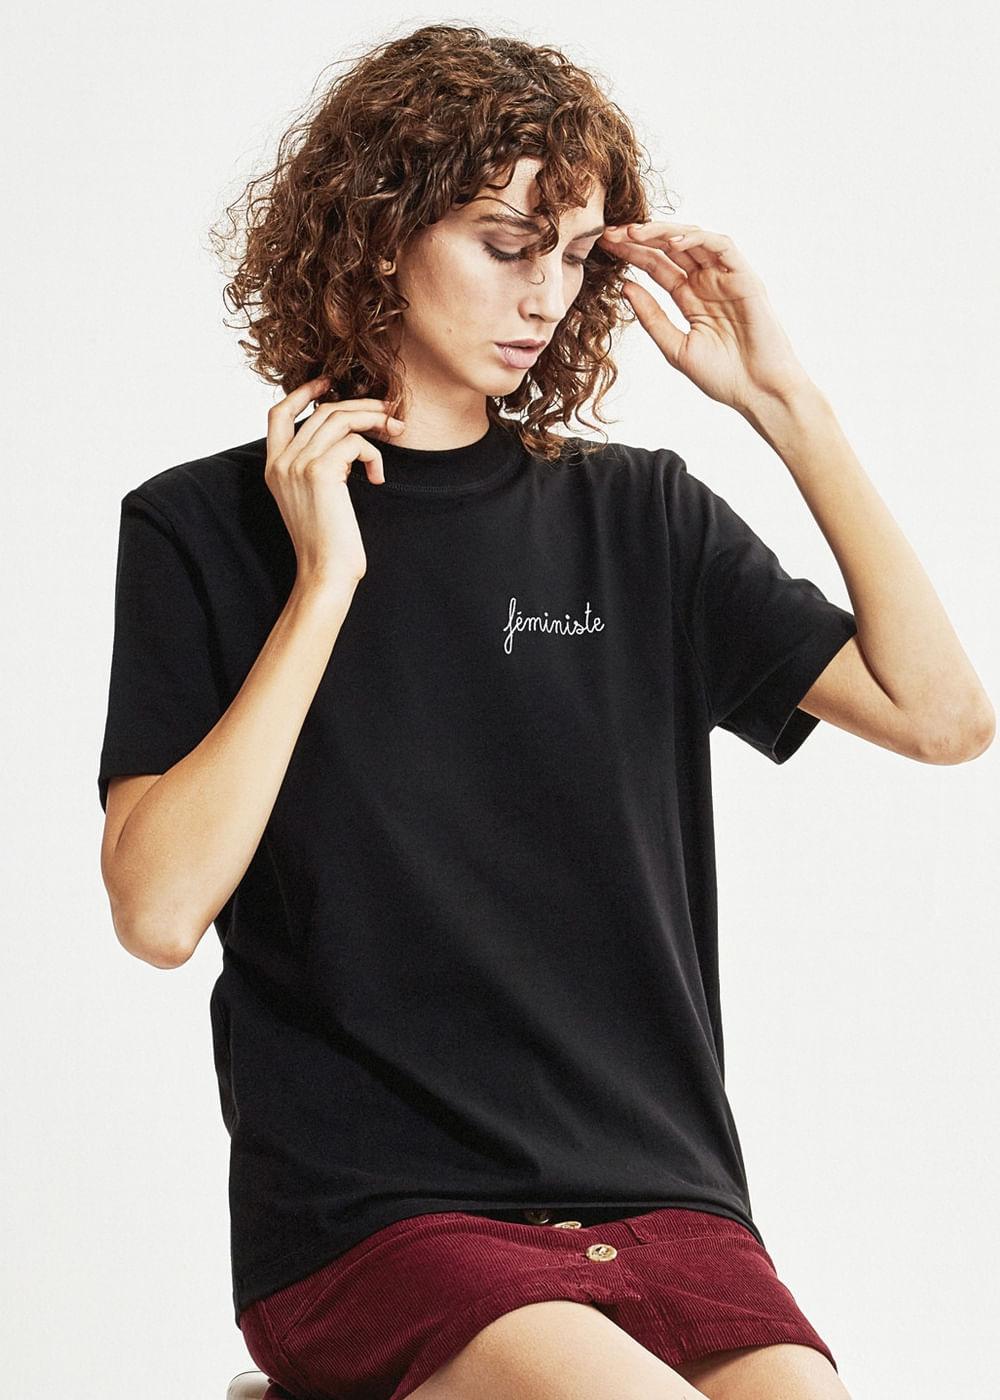 T-Shirt De Algodão Feministe Preta Preta P